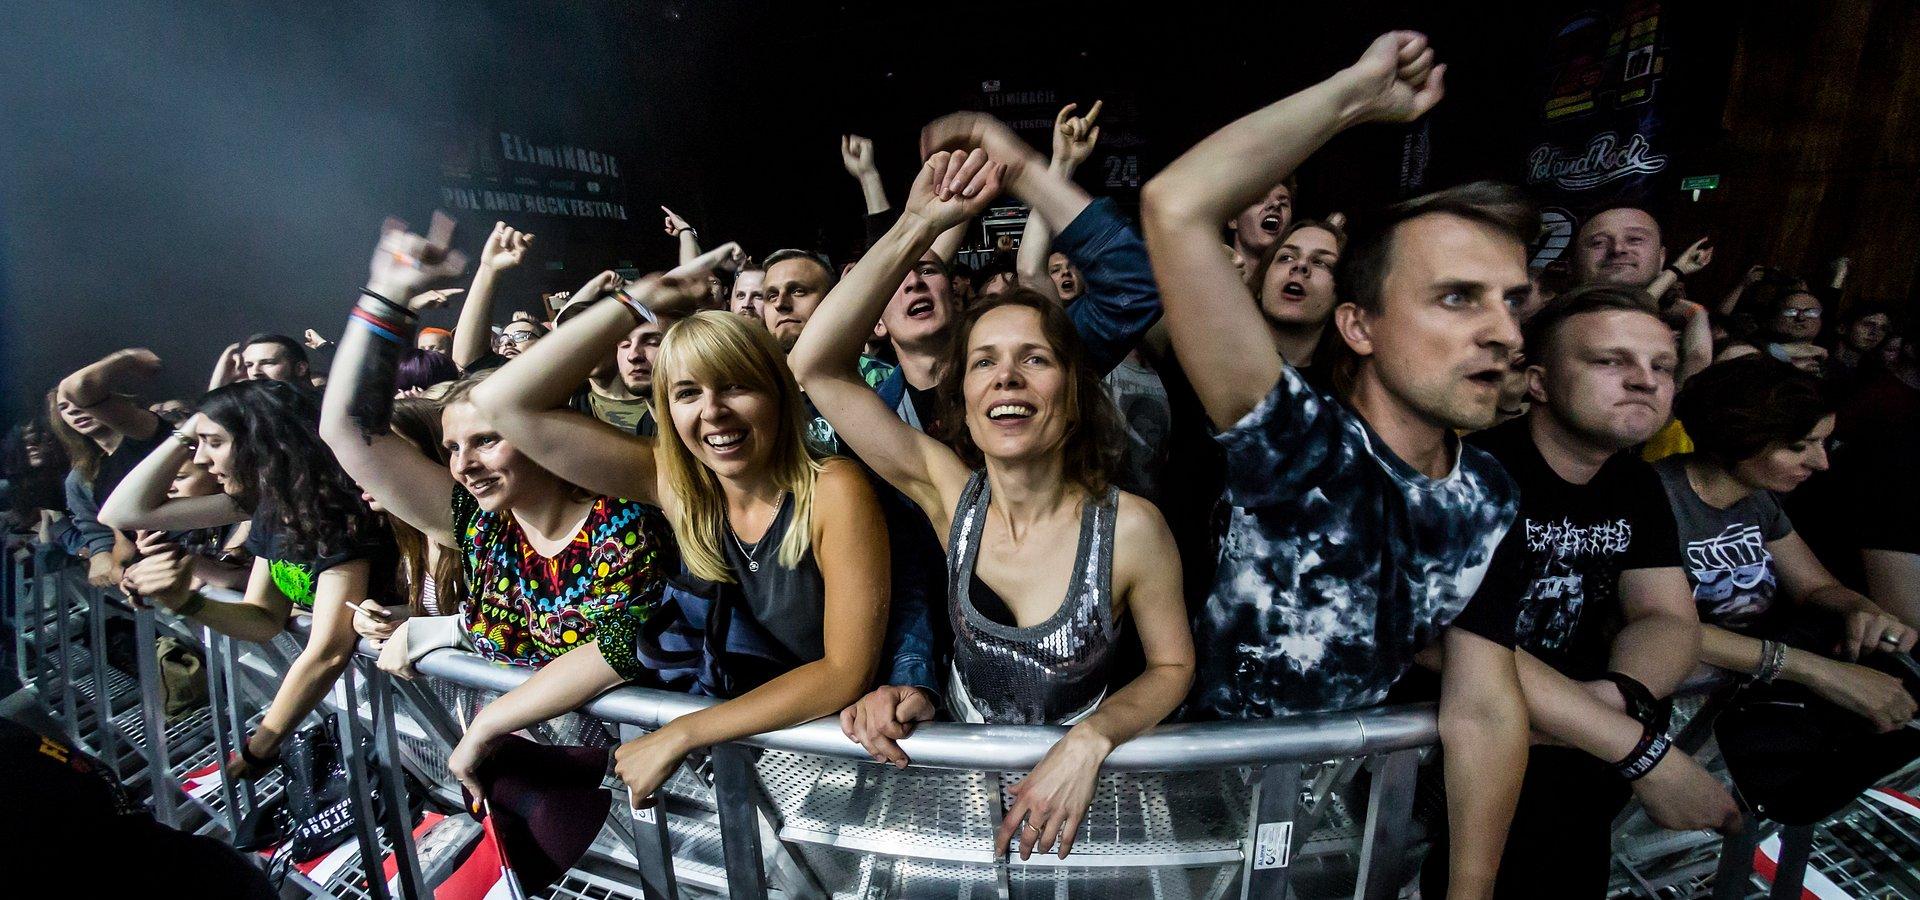 Eliminacje do Pol'and'Rock Festival w nowej formie